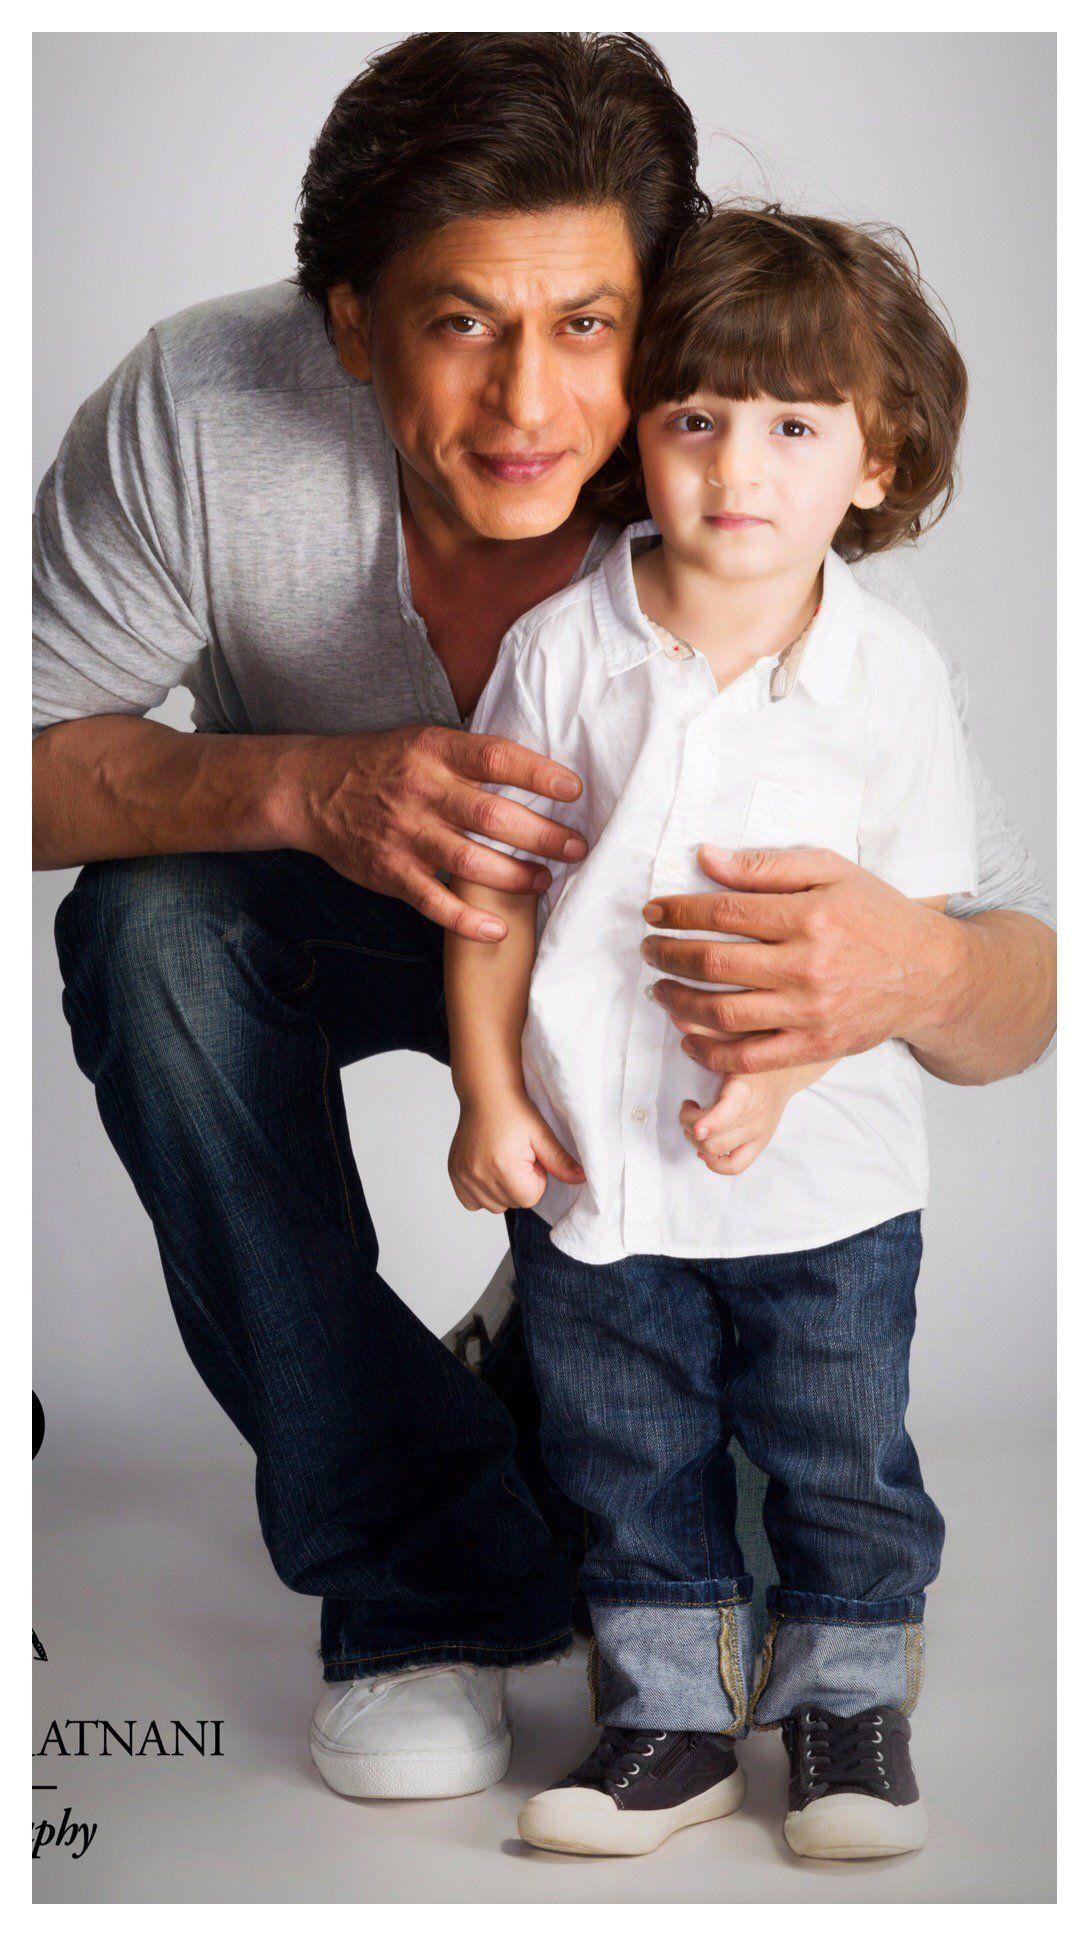 Shah Rukh Khan on Twitter   Shahrukh khan family, Shahrukh khan and kajol, Shahrukh  khan